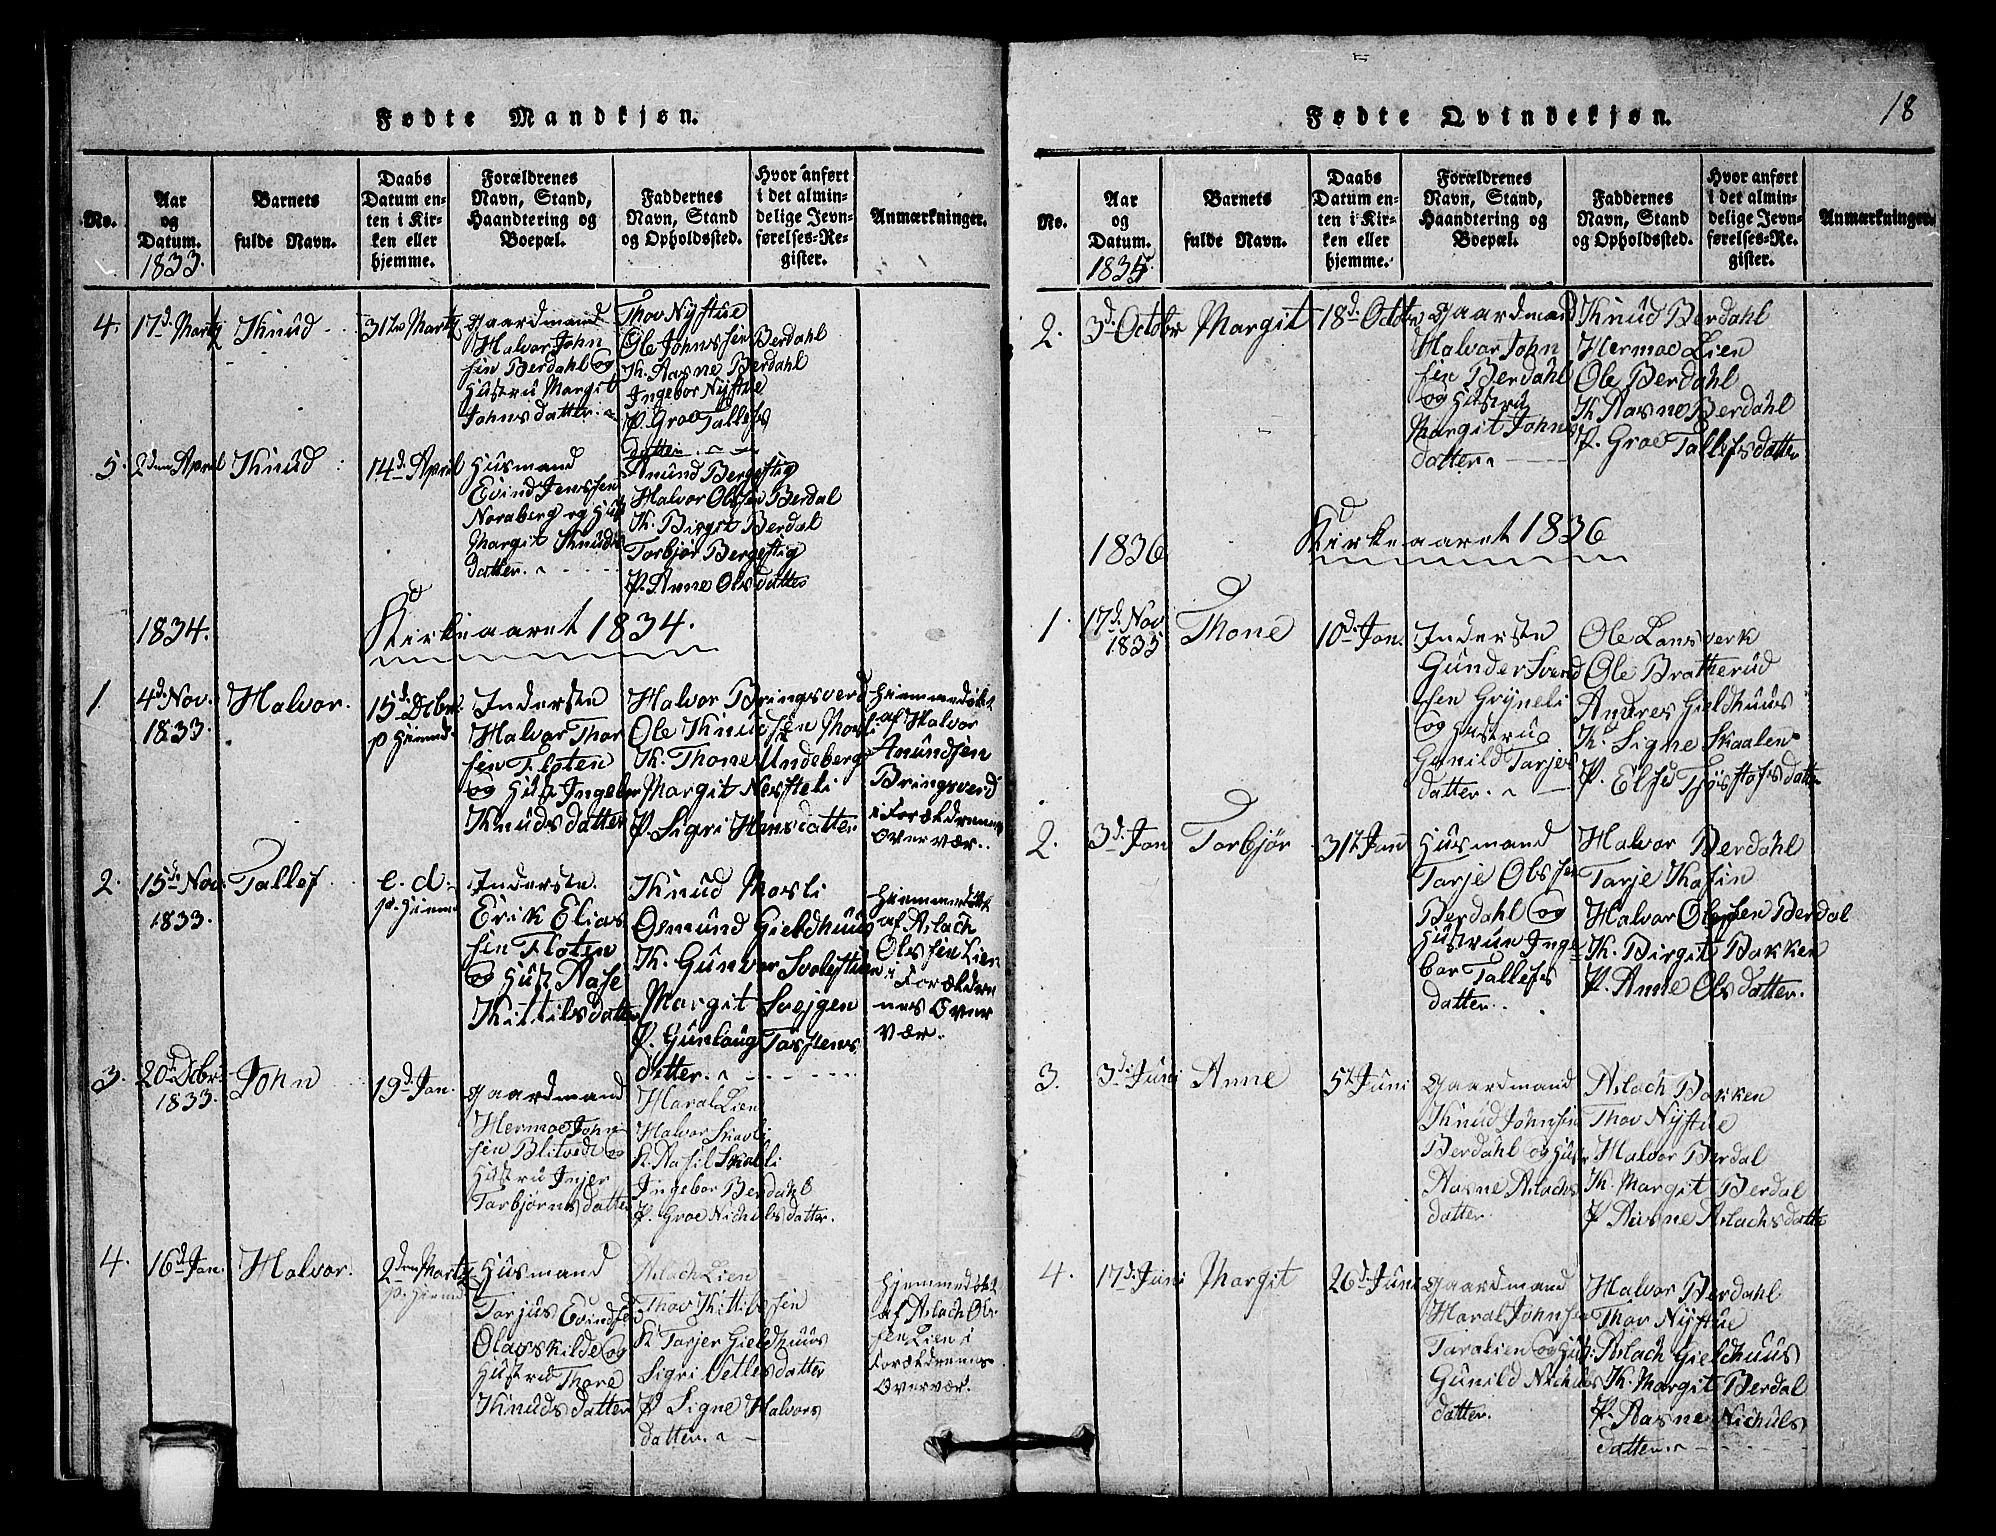 SAKO, Vinje kirkebøker, G/Gb/L0001: Klokkerbok nr. II 1, 1814-1843, s. 18